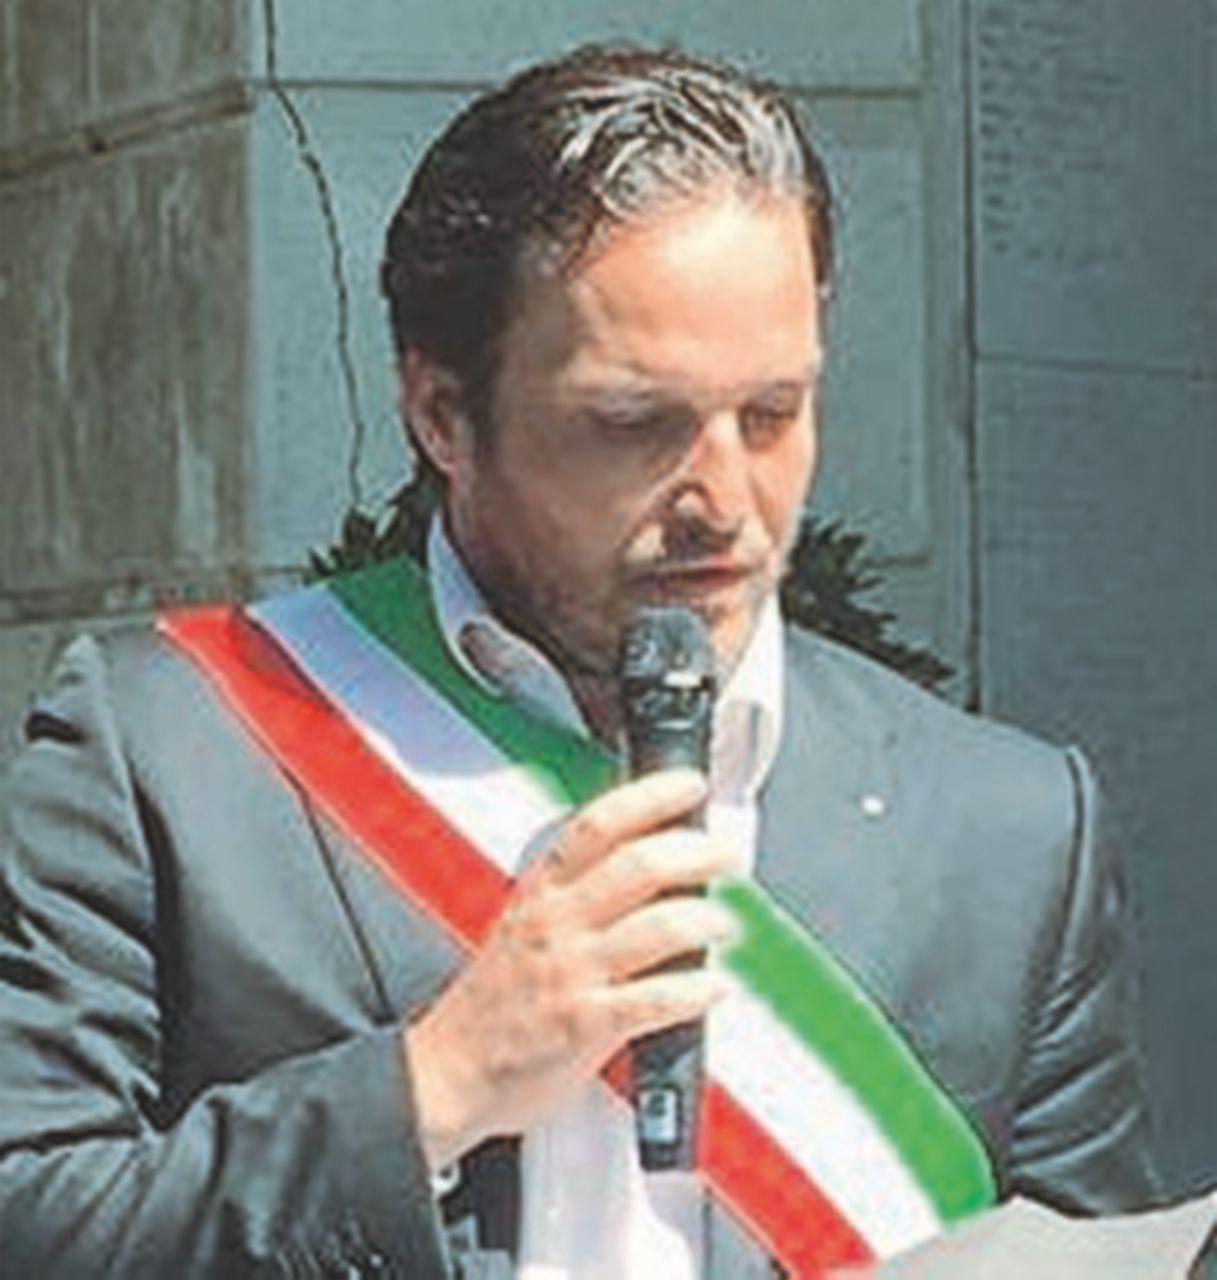 La fascia tricolore tra i fascisti agita Genova